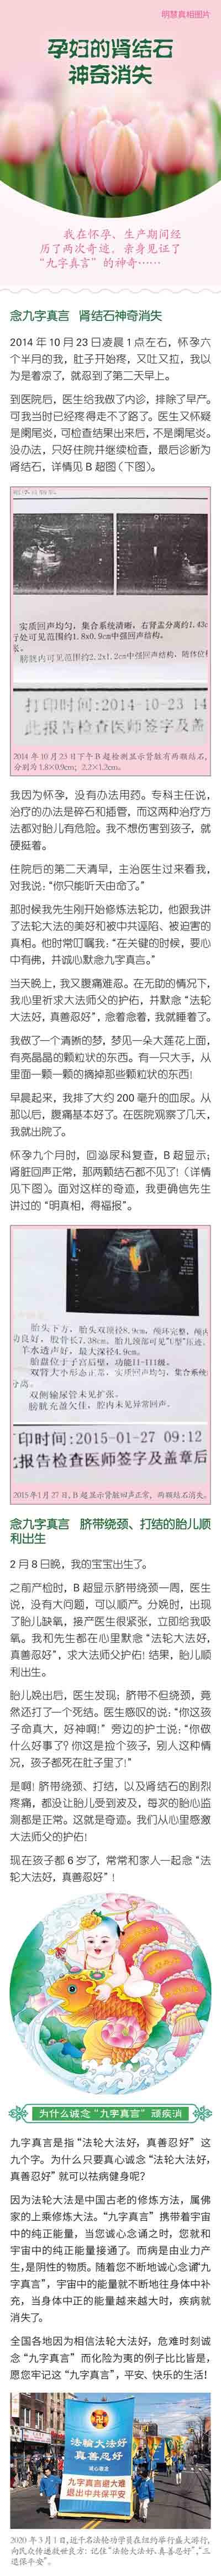 (2021年07月01日) 手机图片:孕妇的肾结石神奇消失